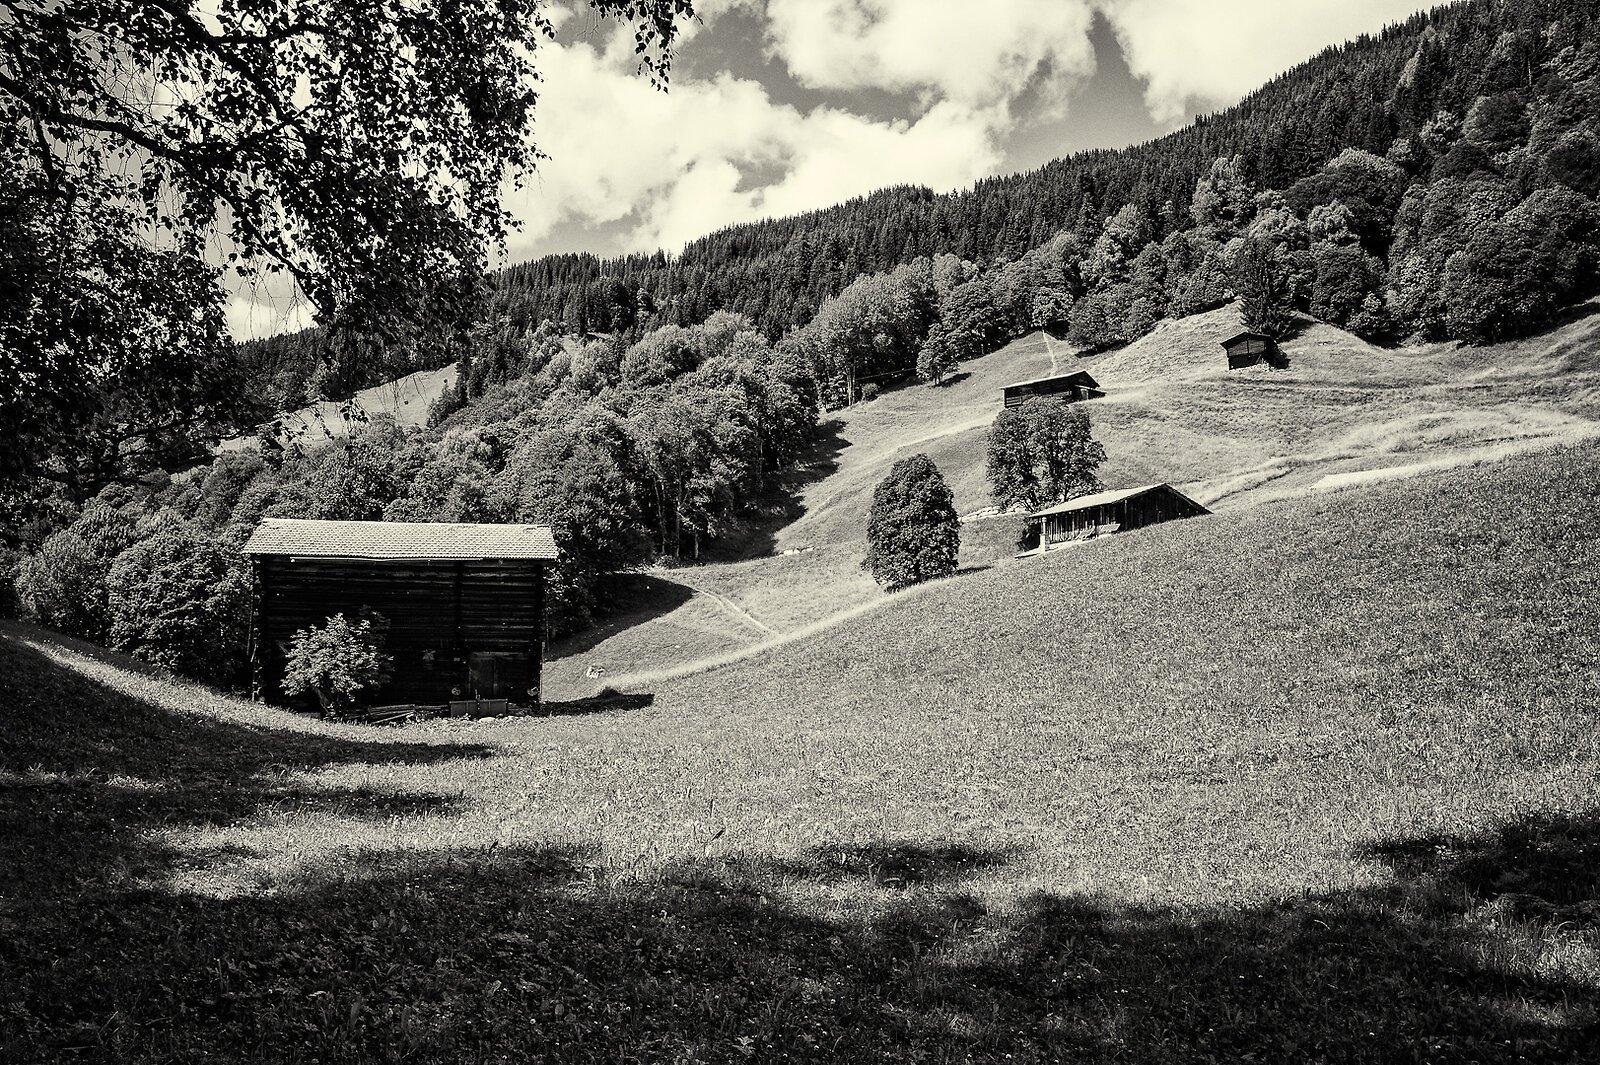 2012-Klosters_2012-07-16_15-04-22_01083-Edit.jpg